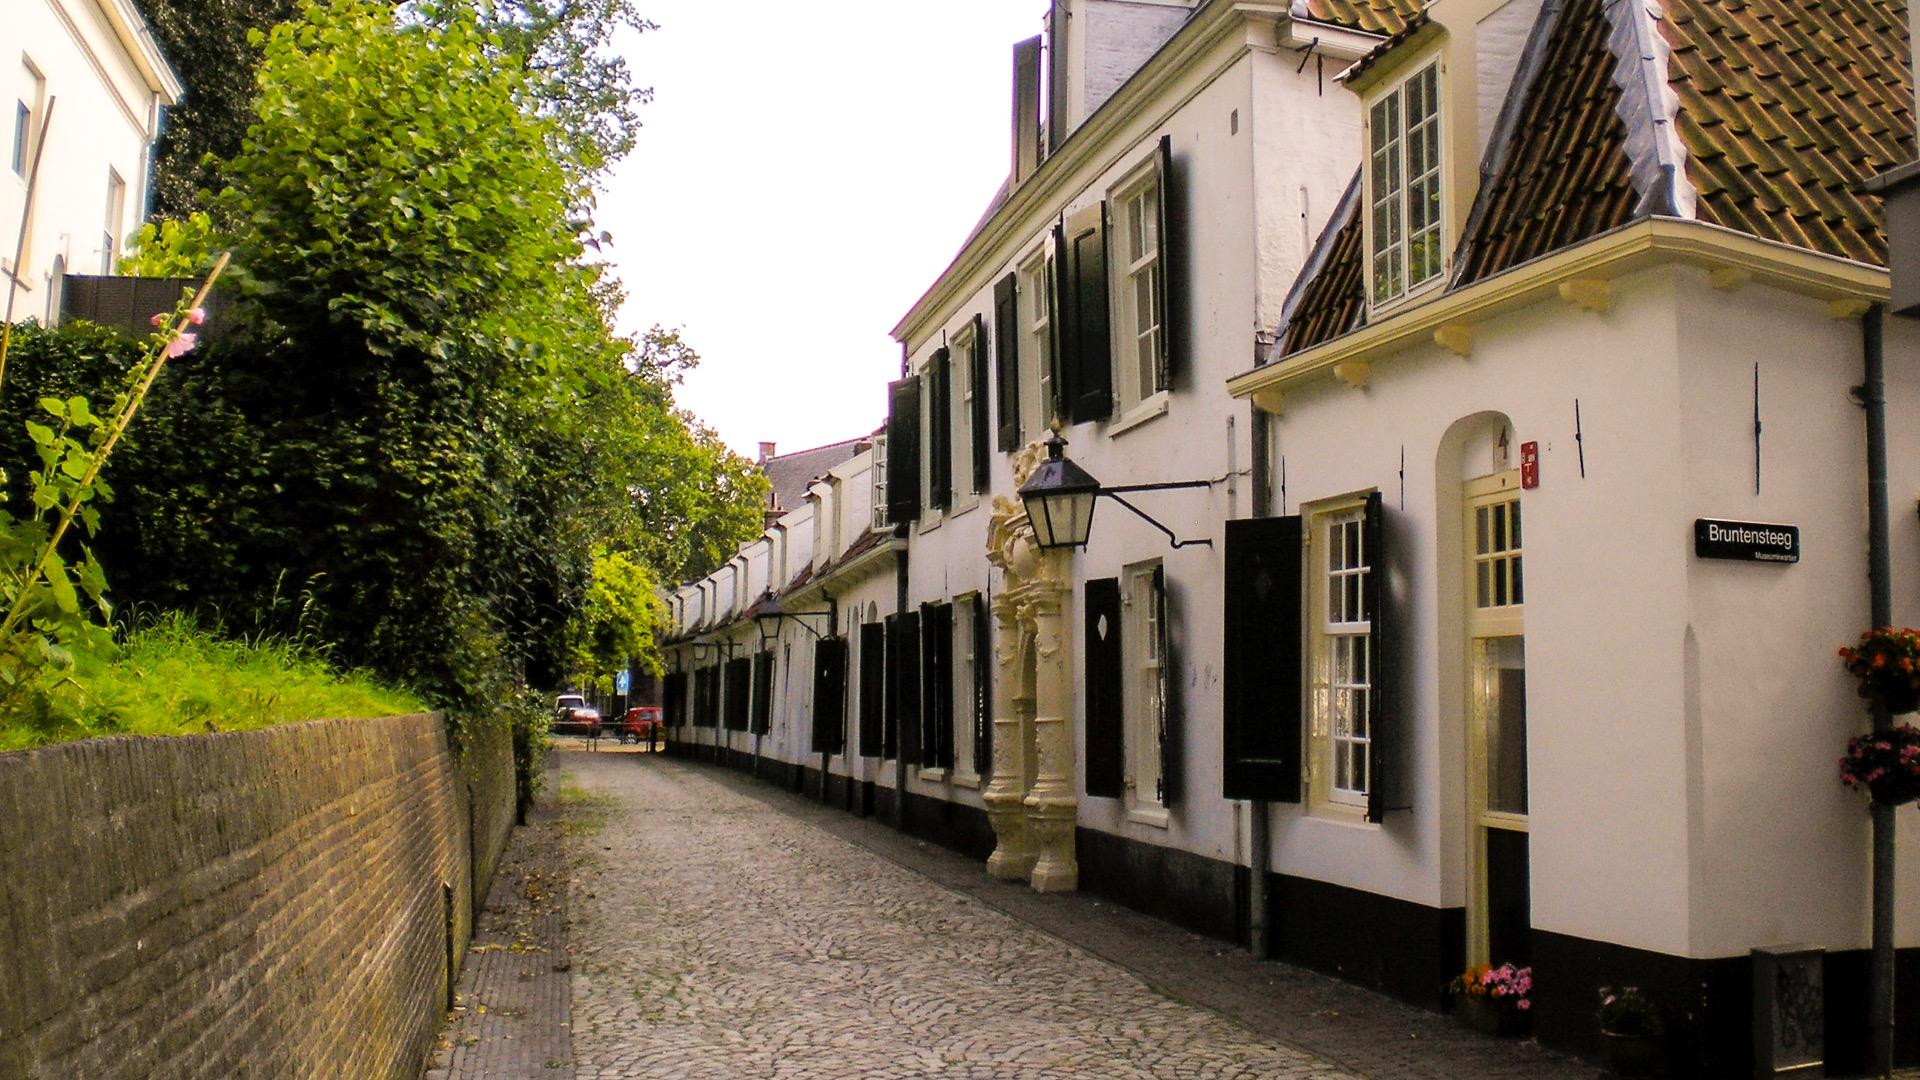 Bruntenhof Utrecht